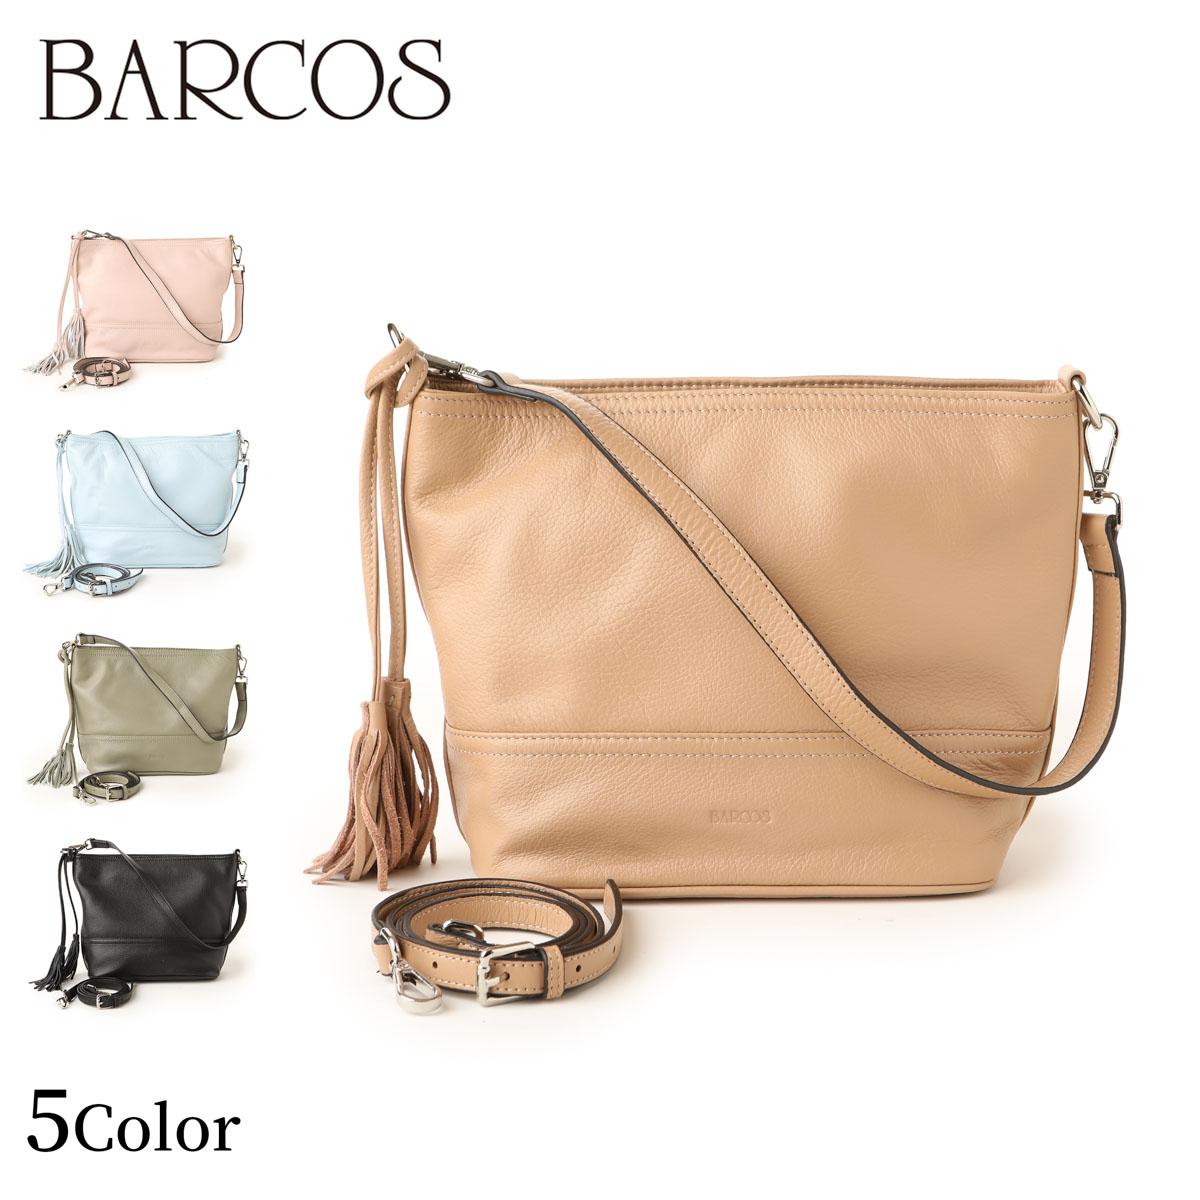 BARCOS シュリンクレザーチャーム付き2WAYハンドバッグ レディース 全5色 ONESIZE バルコス